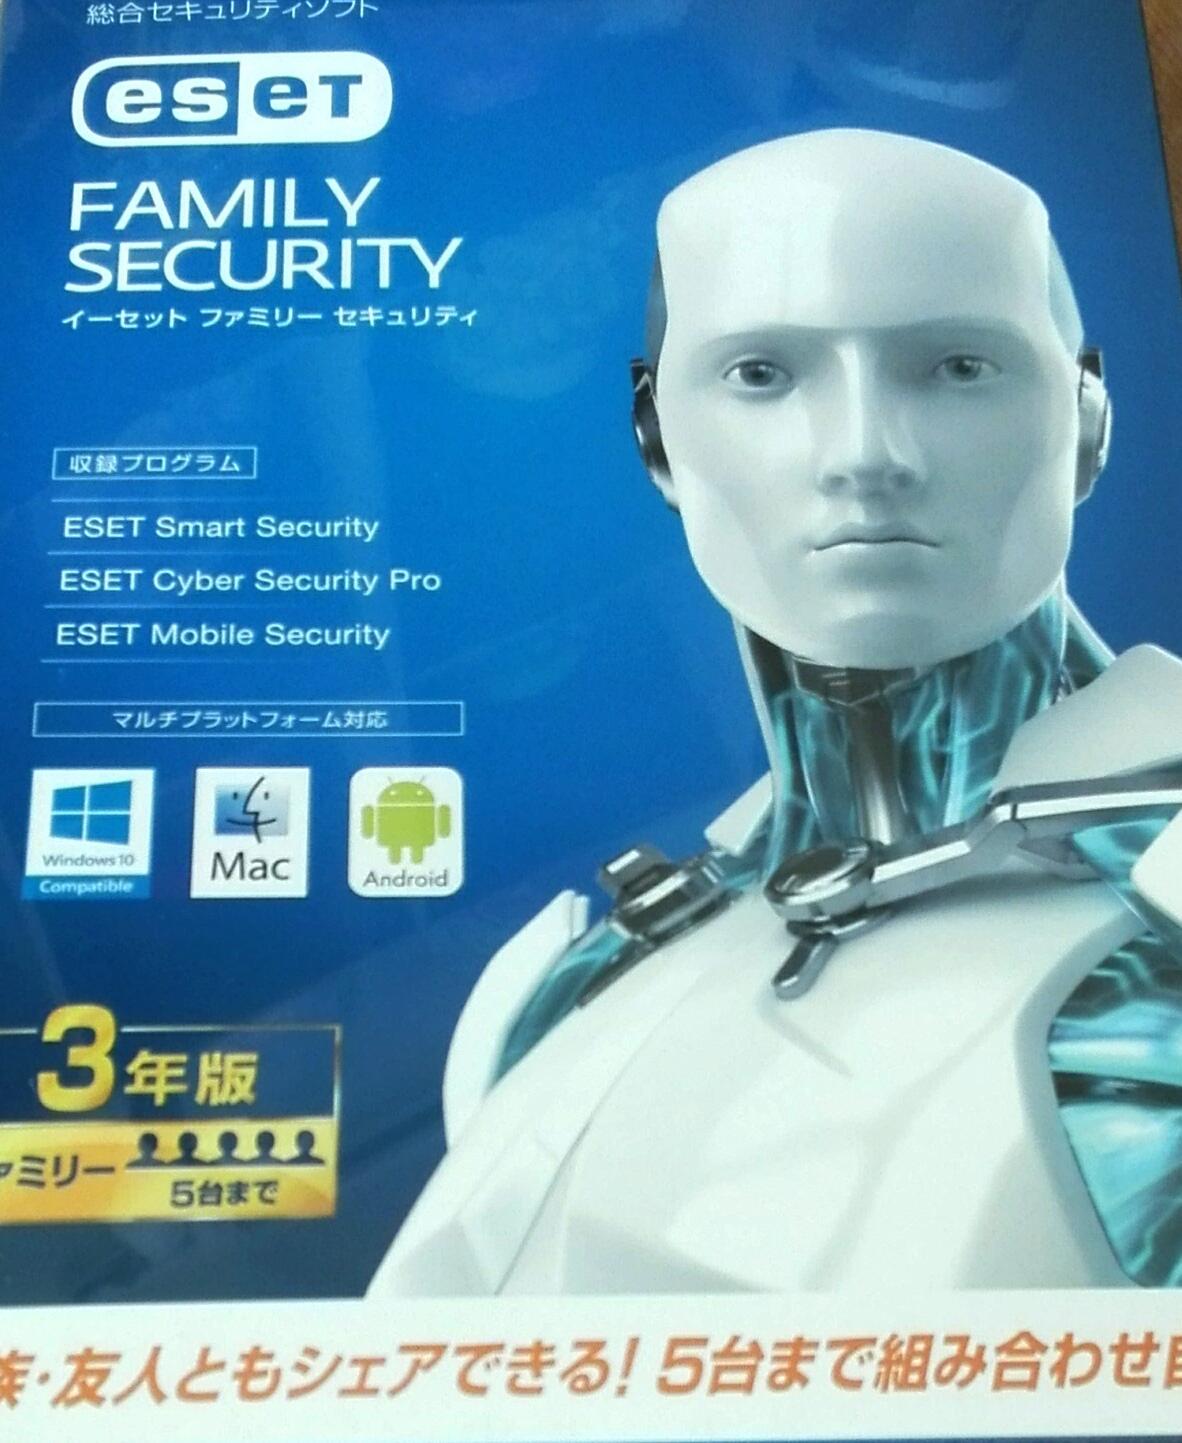 ESETファミリーセキュリティ3年版5台